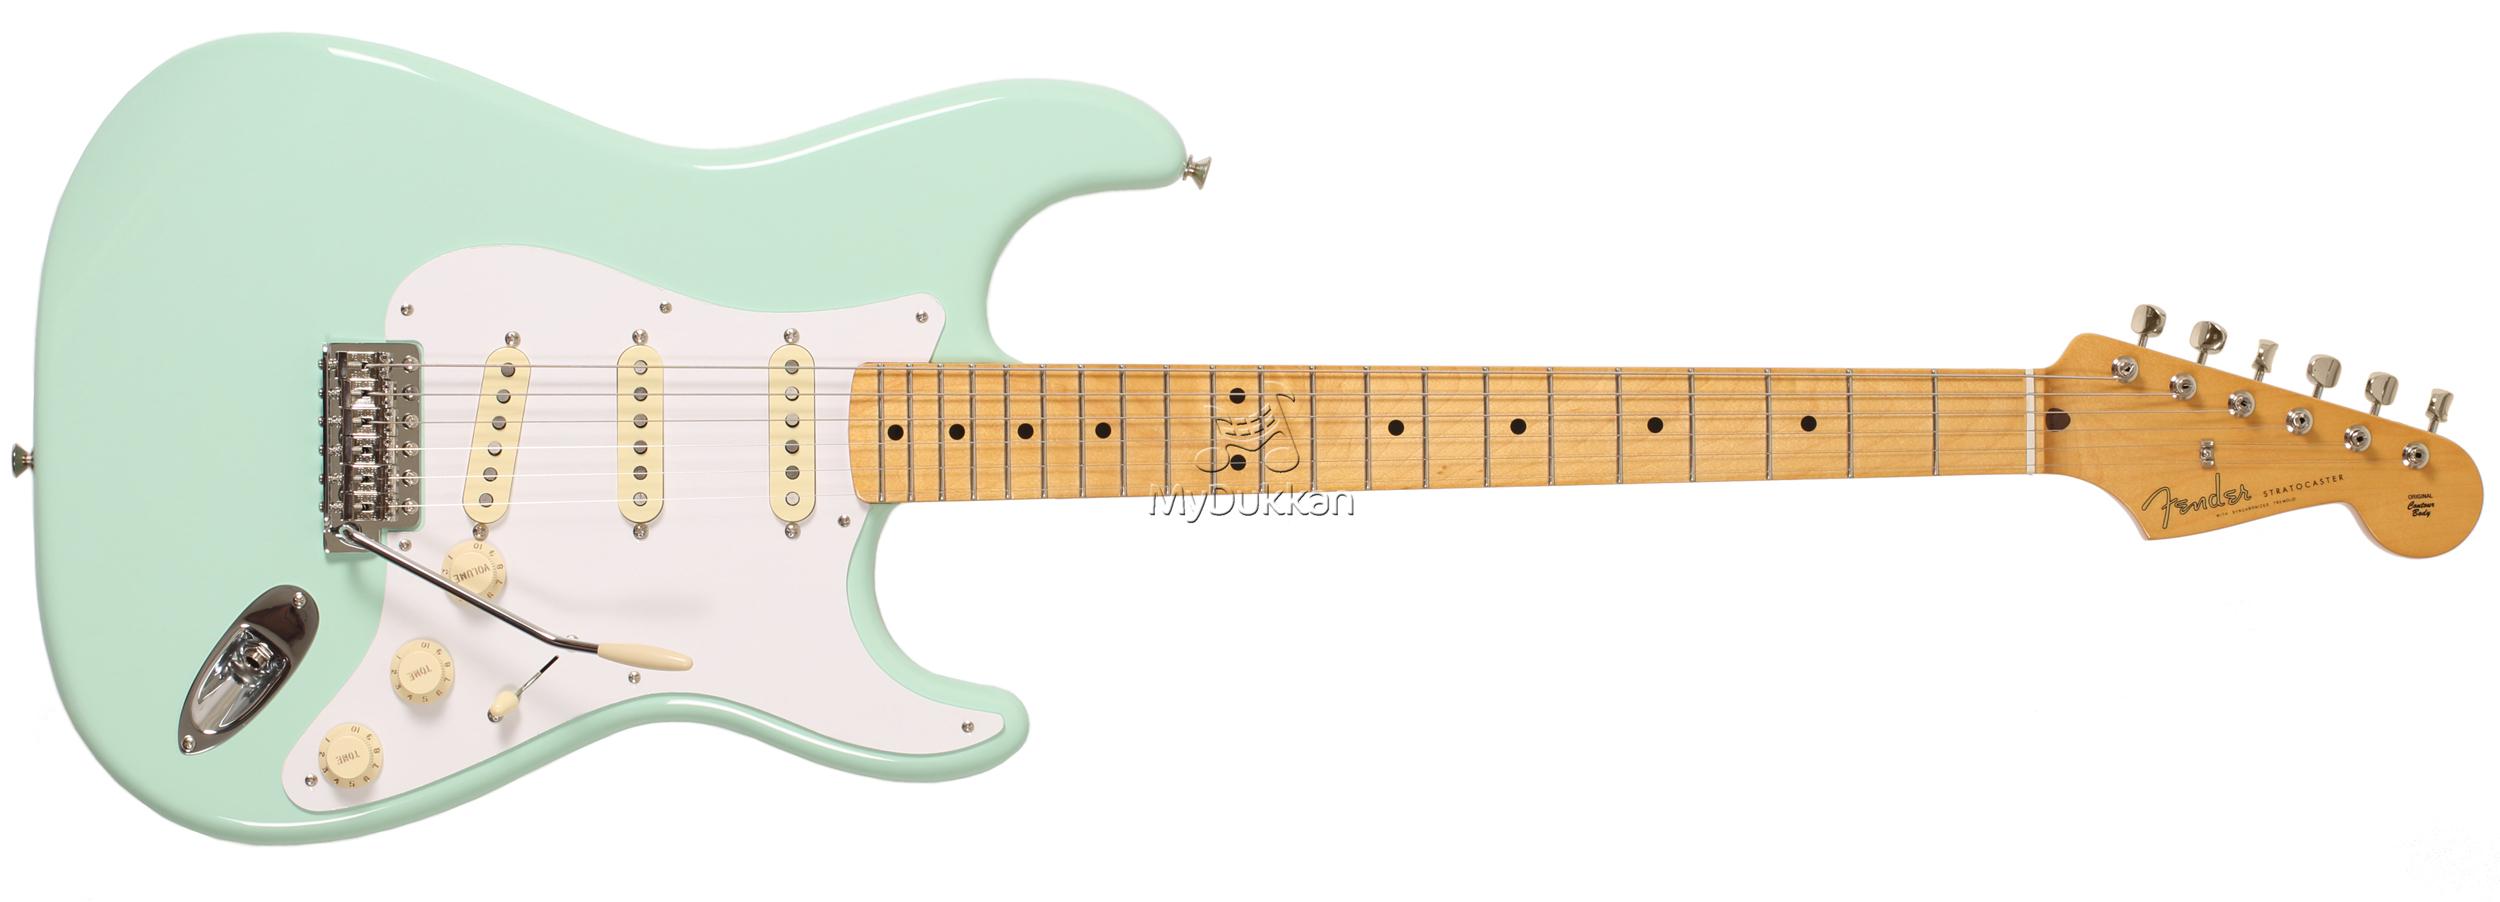 Ziemlich Stratocaster Drahtdiagramm Zeitgenössisch - Schaltplan ...